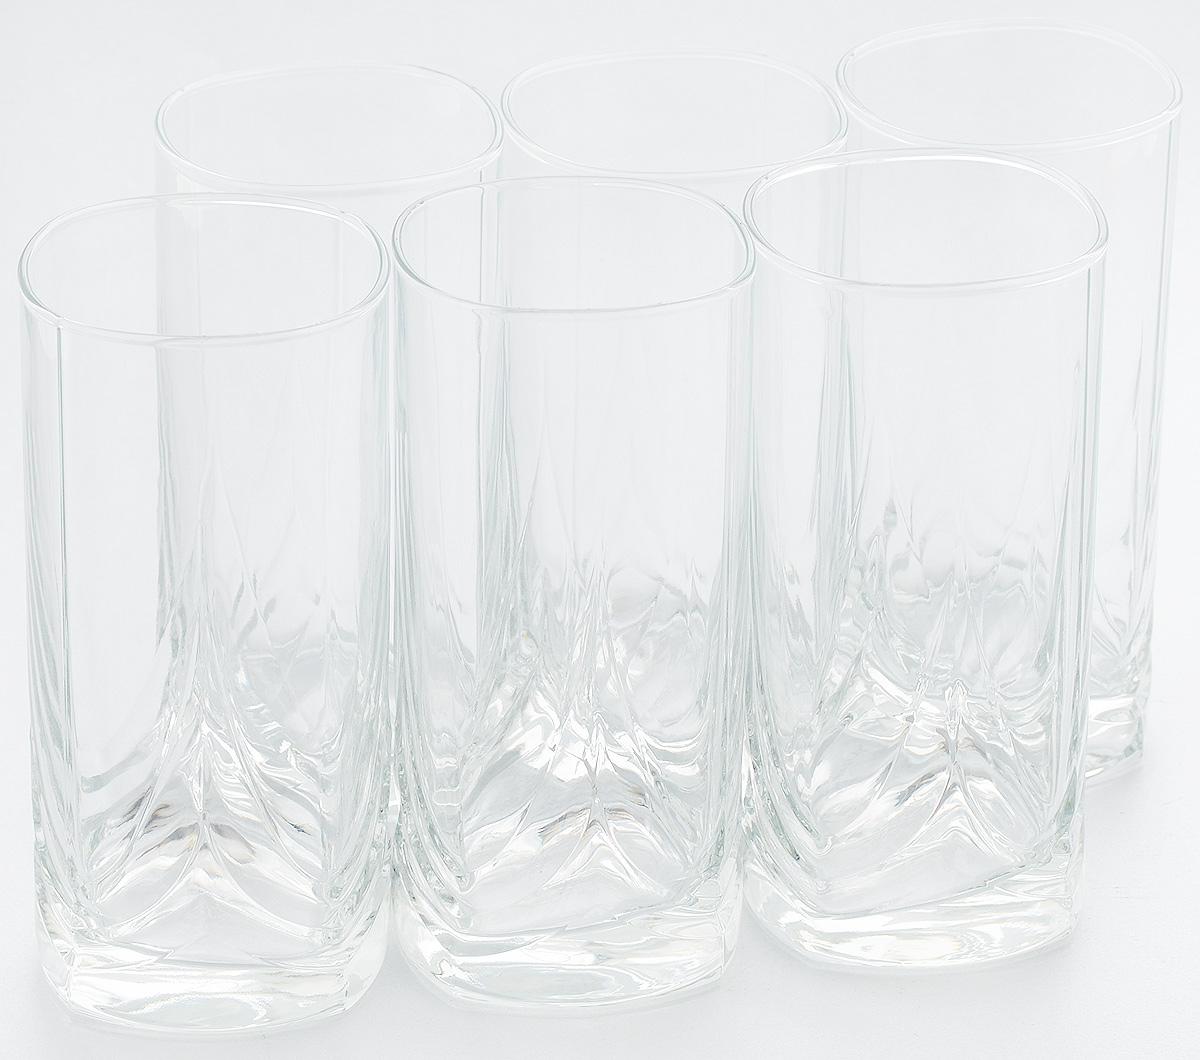 Набор стаканов для коктейлей Pasabahce Triumph, 300 мл, 6 штVT-1520(SR)Набор Pasabahce, состоящий из шести стаканов, несомненно, придется вам по душе. Стаканы предназначены для подачи коктейлей, сока, воды и других напитков. Они изготовлены из прочного высококачественного прозрачного стекла и сочетают в себе элегантный дизайн и функциональность. Благодаря такому набору пить напитки будет еще вкуснее.Набор стаканов Pasabahce идеально подойдет для сервировки стола и станет отличным подарком к любому празднику.